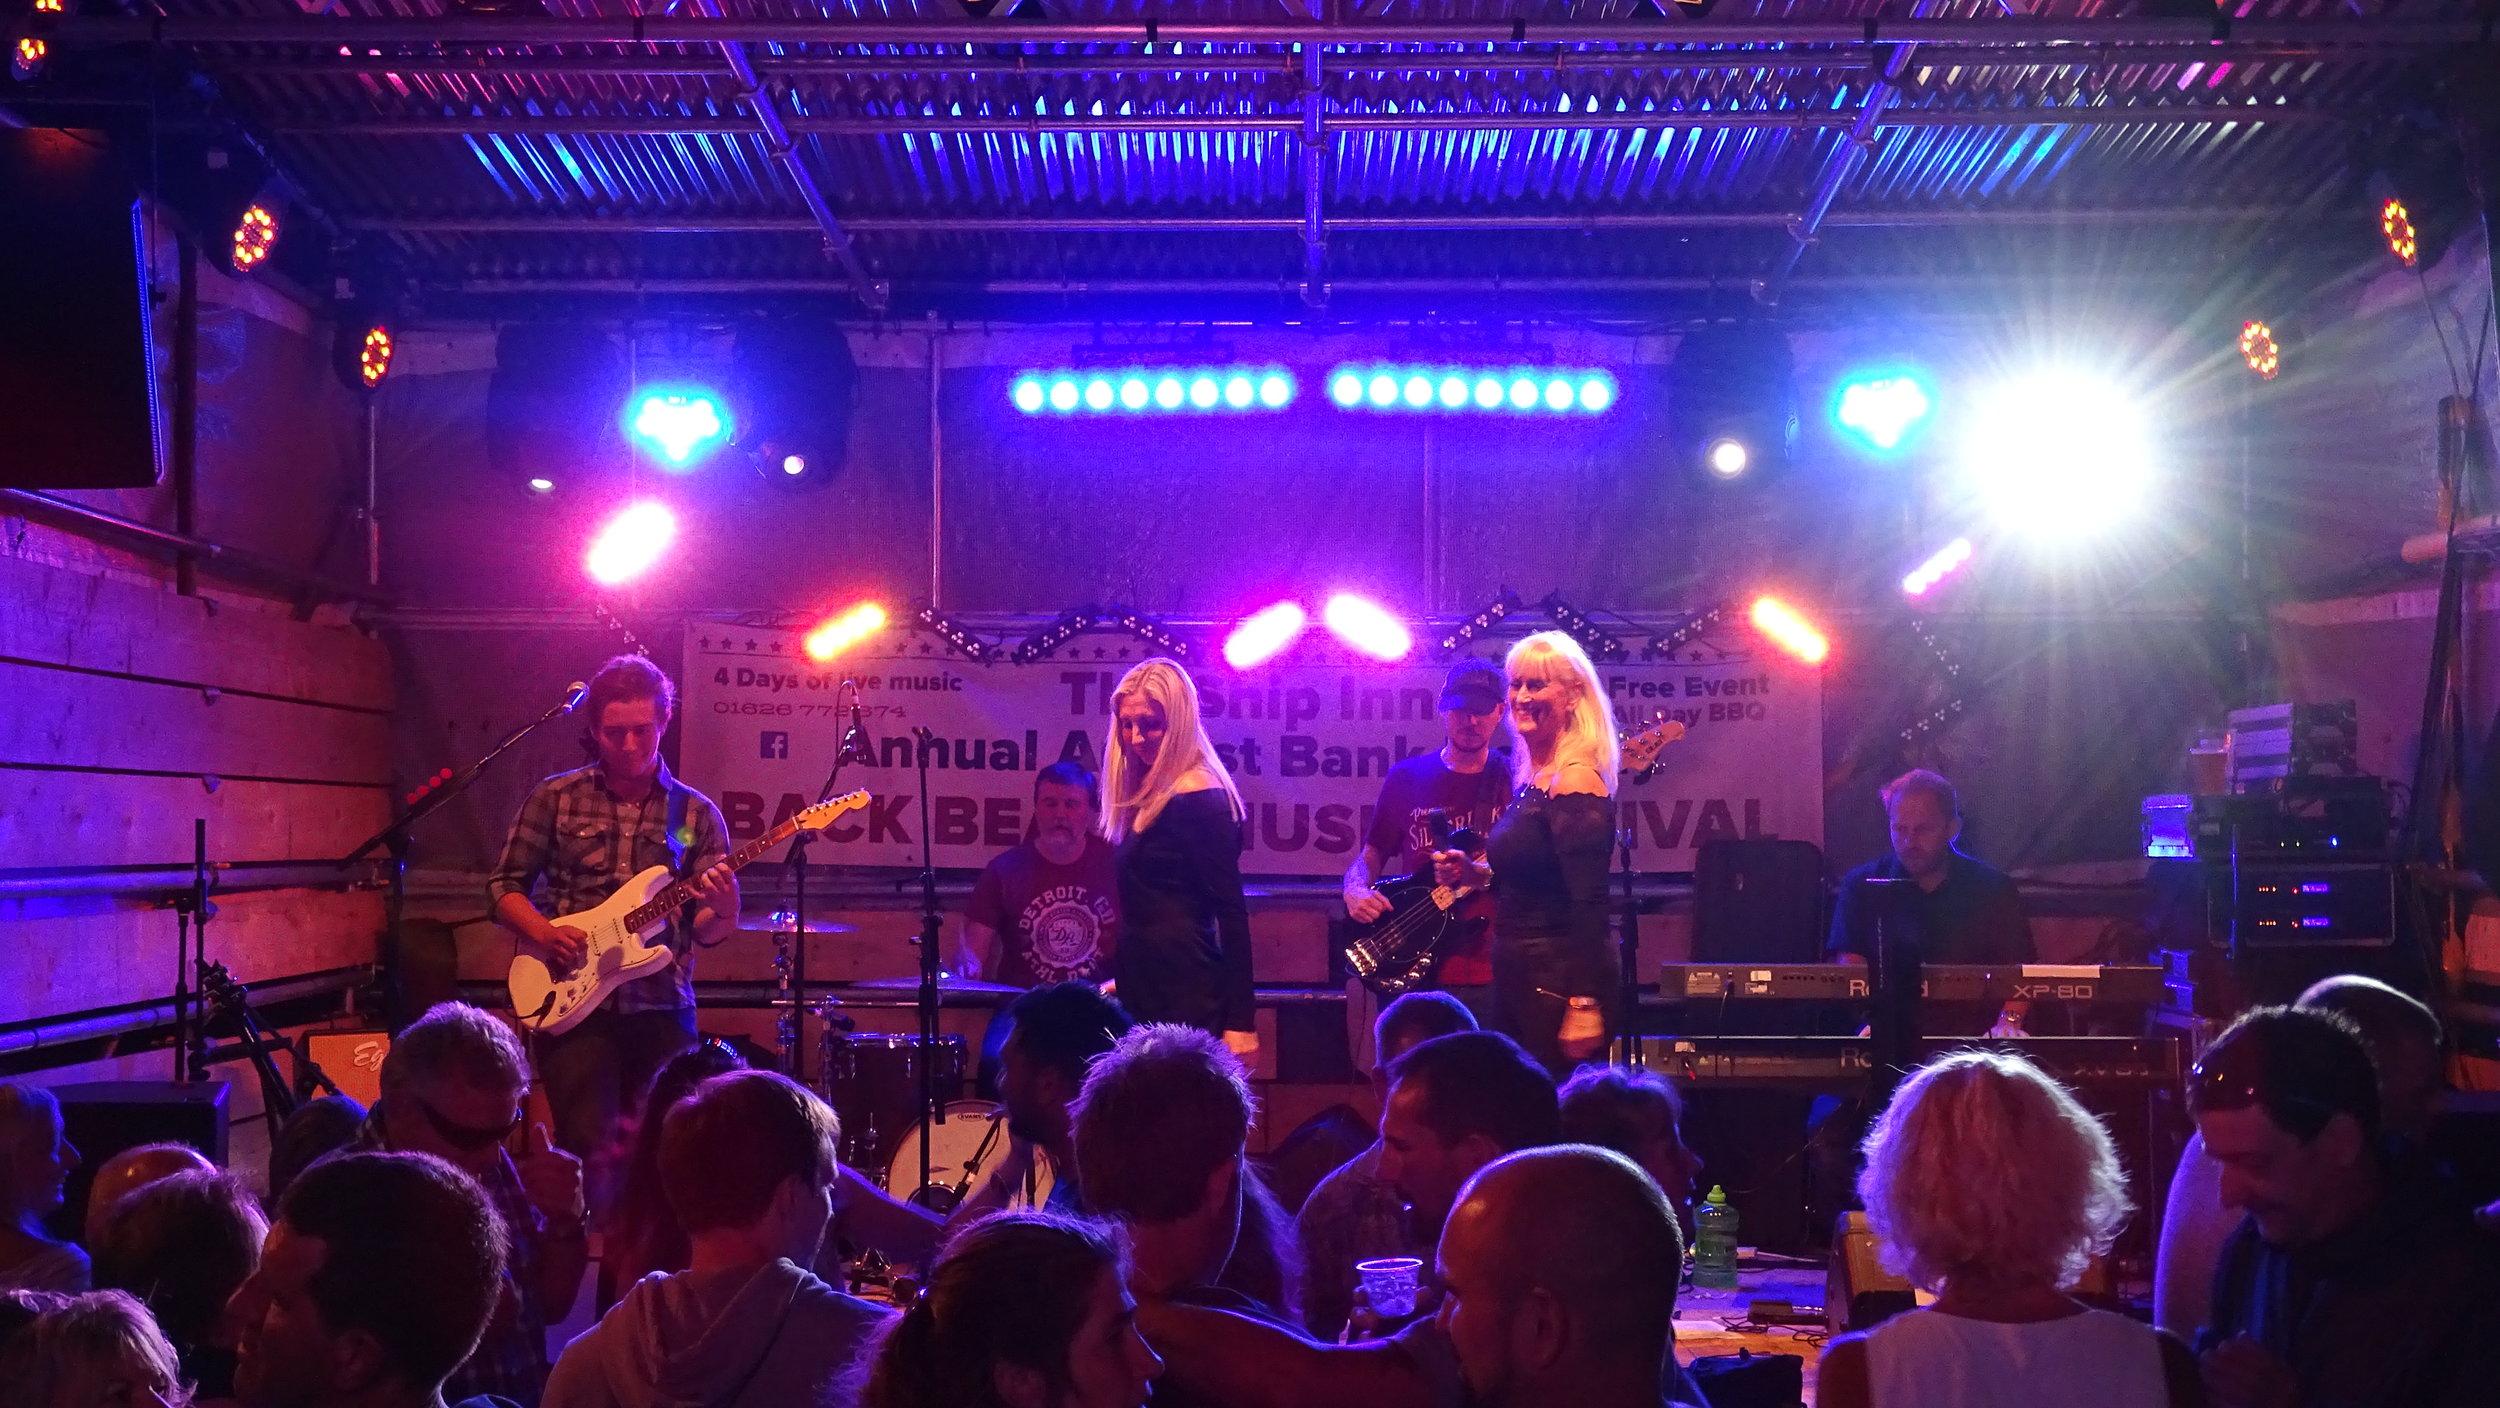 The ship inn music festival p2 050.JPG